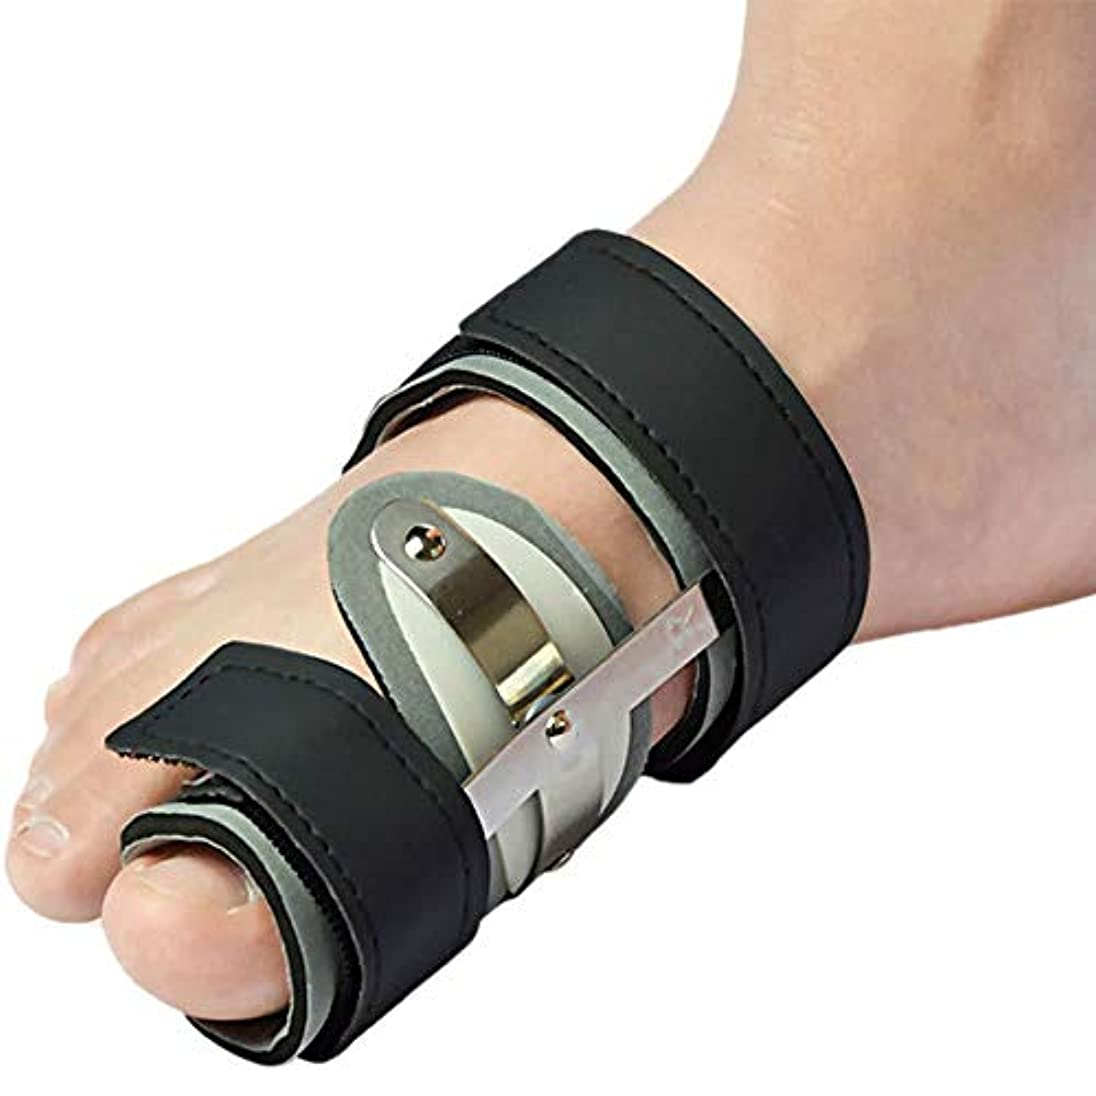 シード取る染料つま先サポート、大きなつま先矯正、快適で ゲルつま先セパレーター、高弾性、腱膜瘤の痛みを軽減,Right Foot